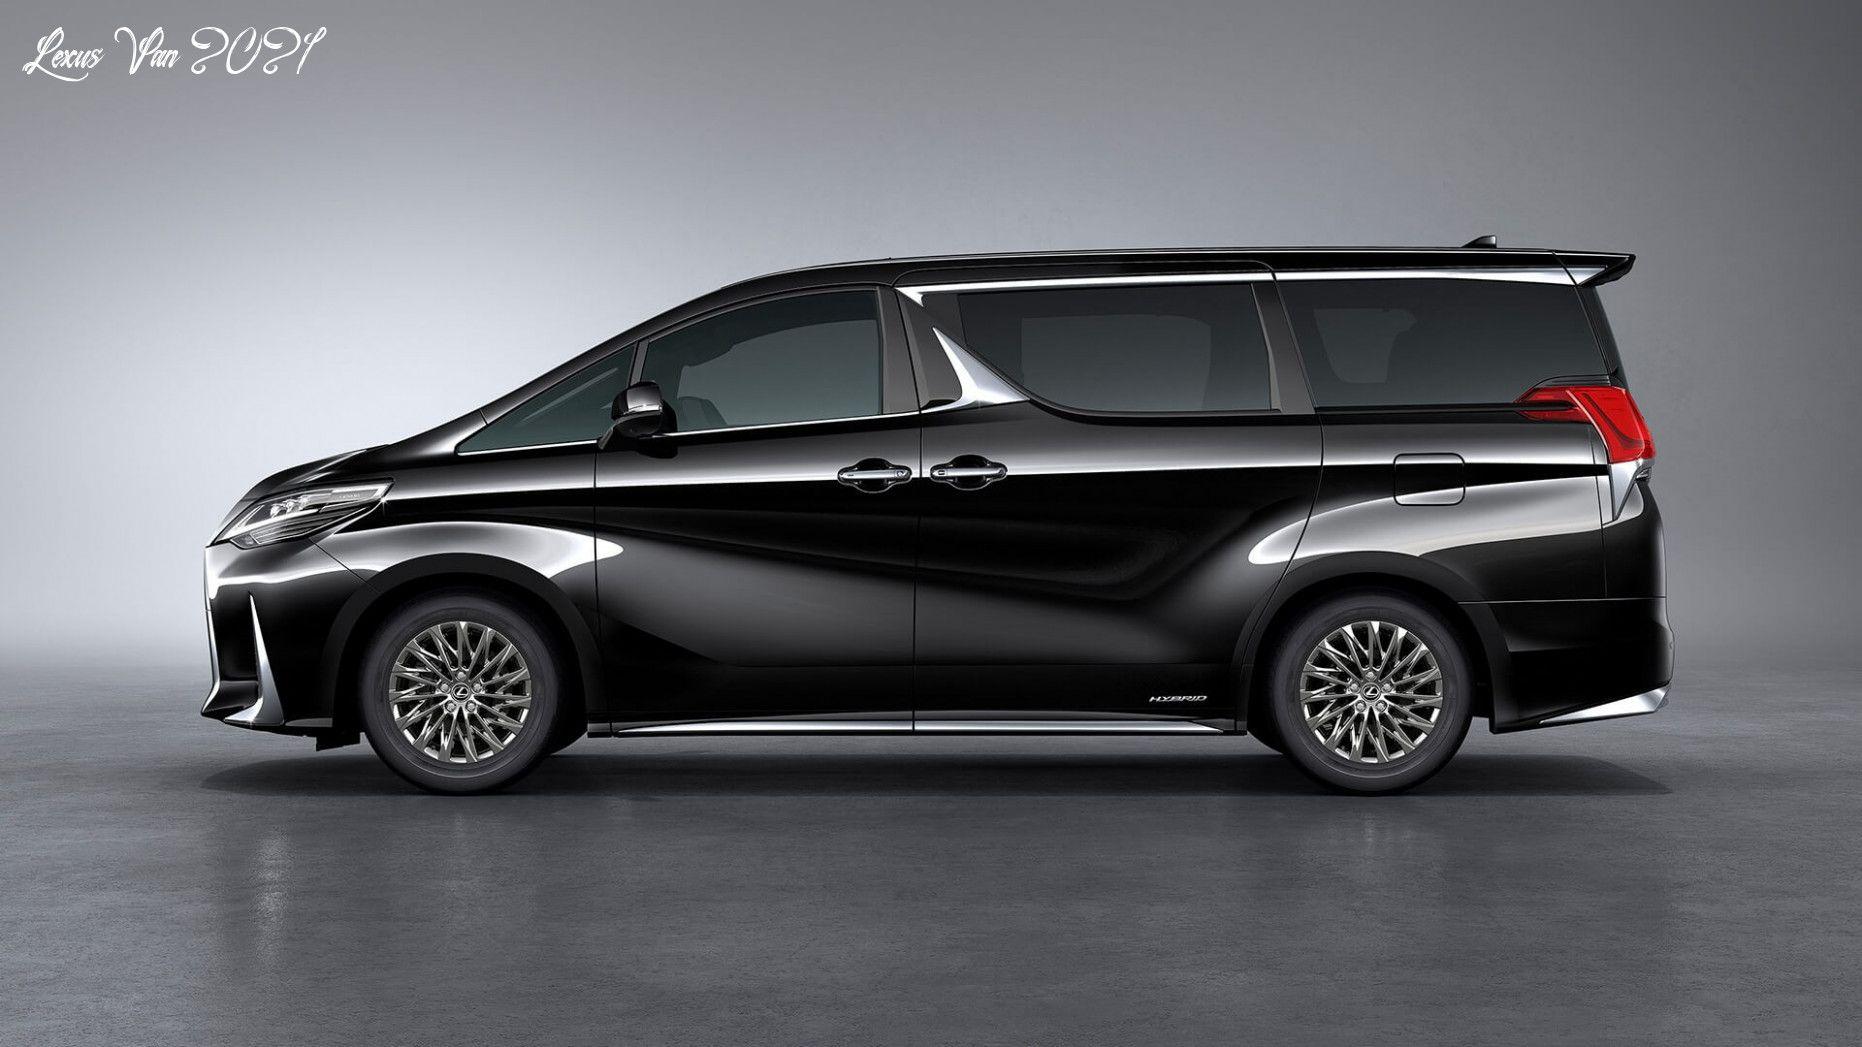 Lexus Van 2021 Configurations In 2020 Mini Van Lexus Luxury Van